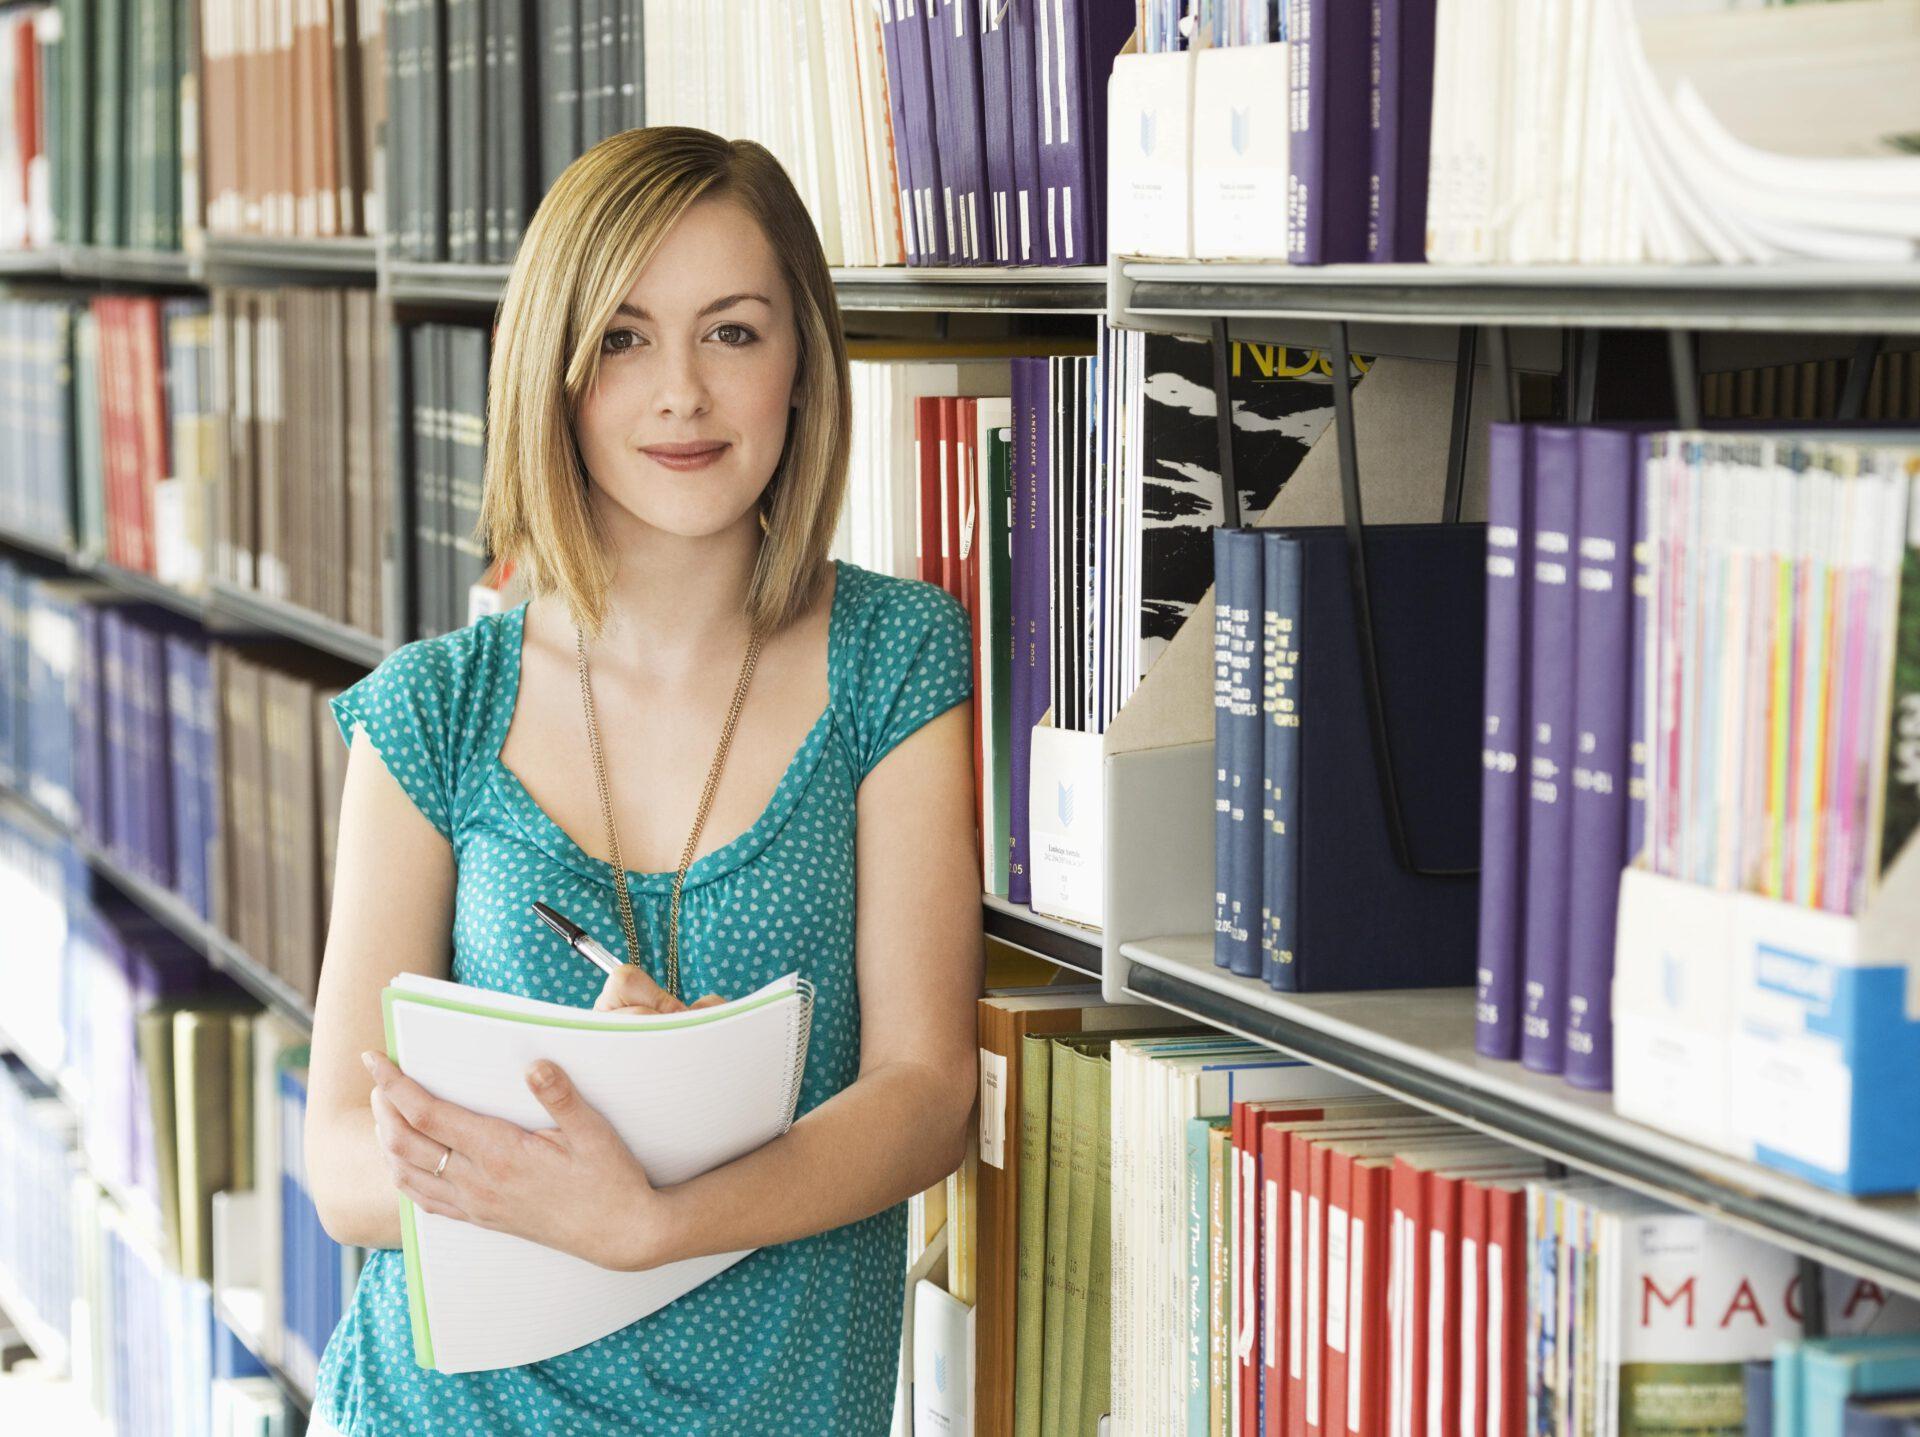 במה עריכת ספרים מקצועיים באה לידי ביטוי